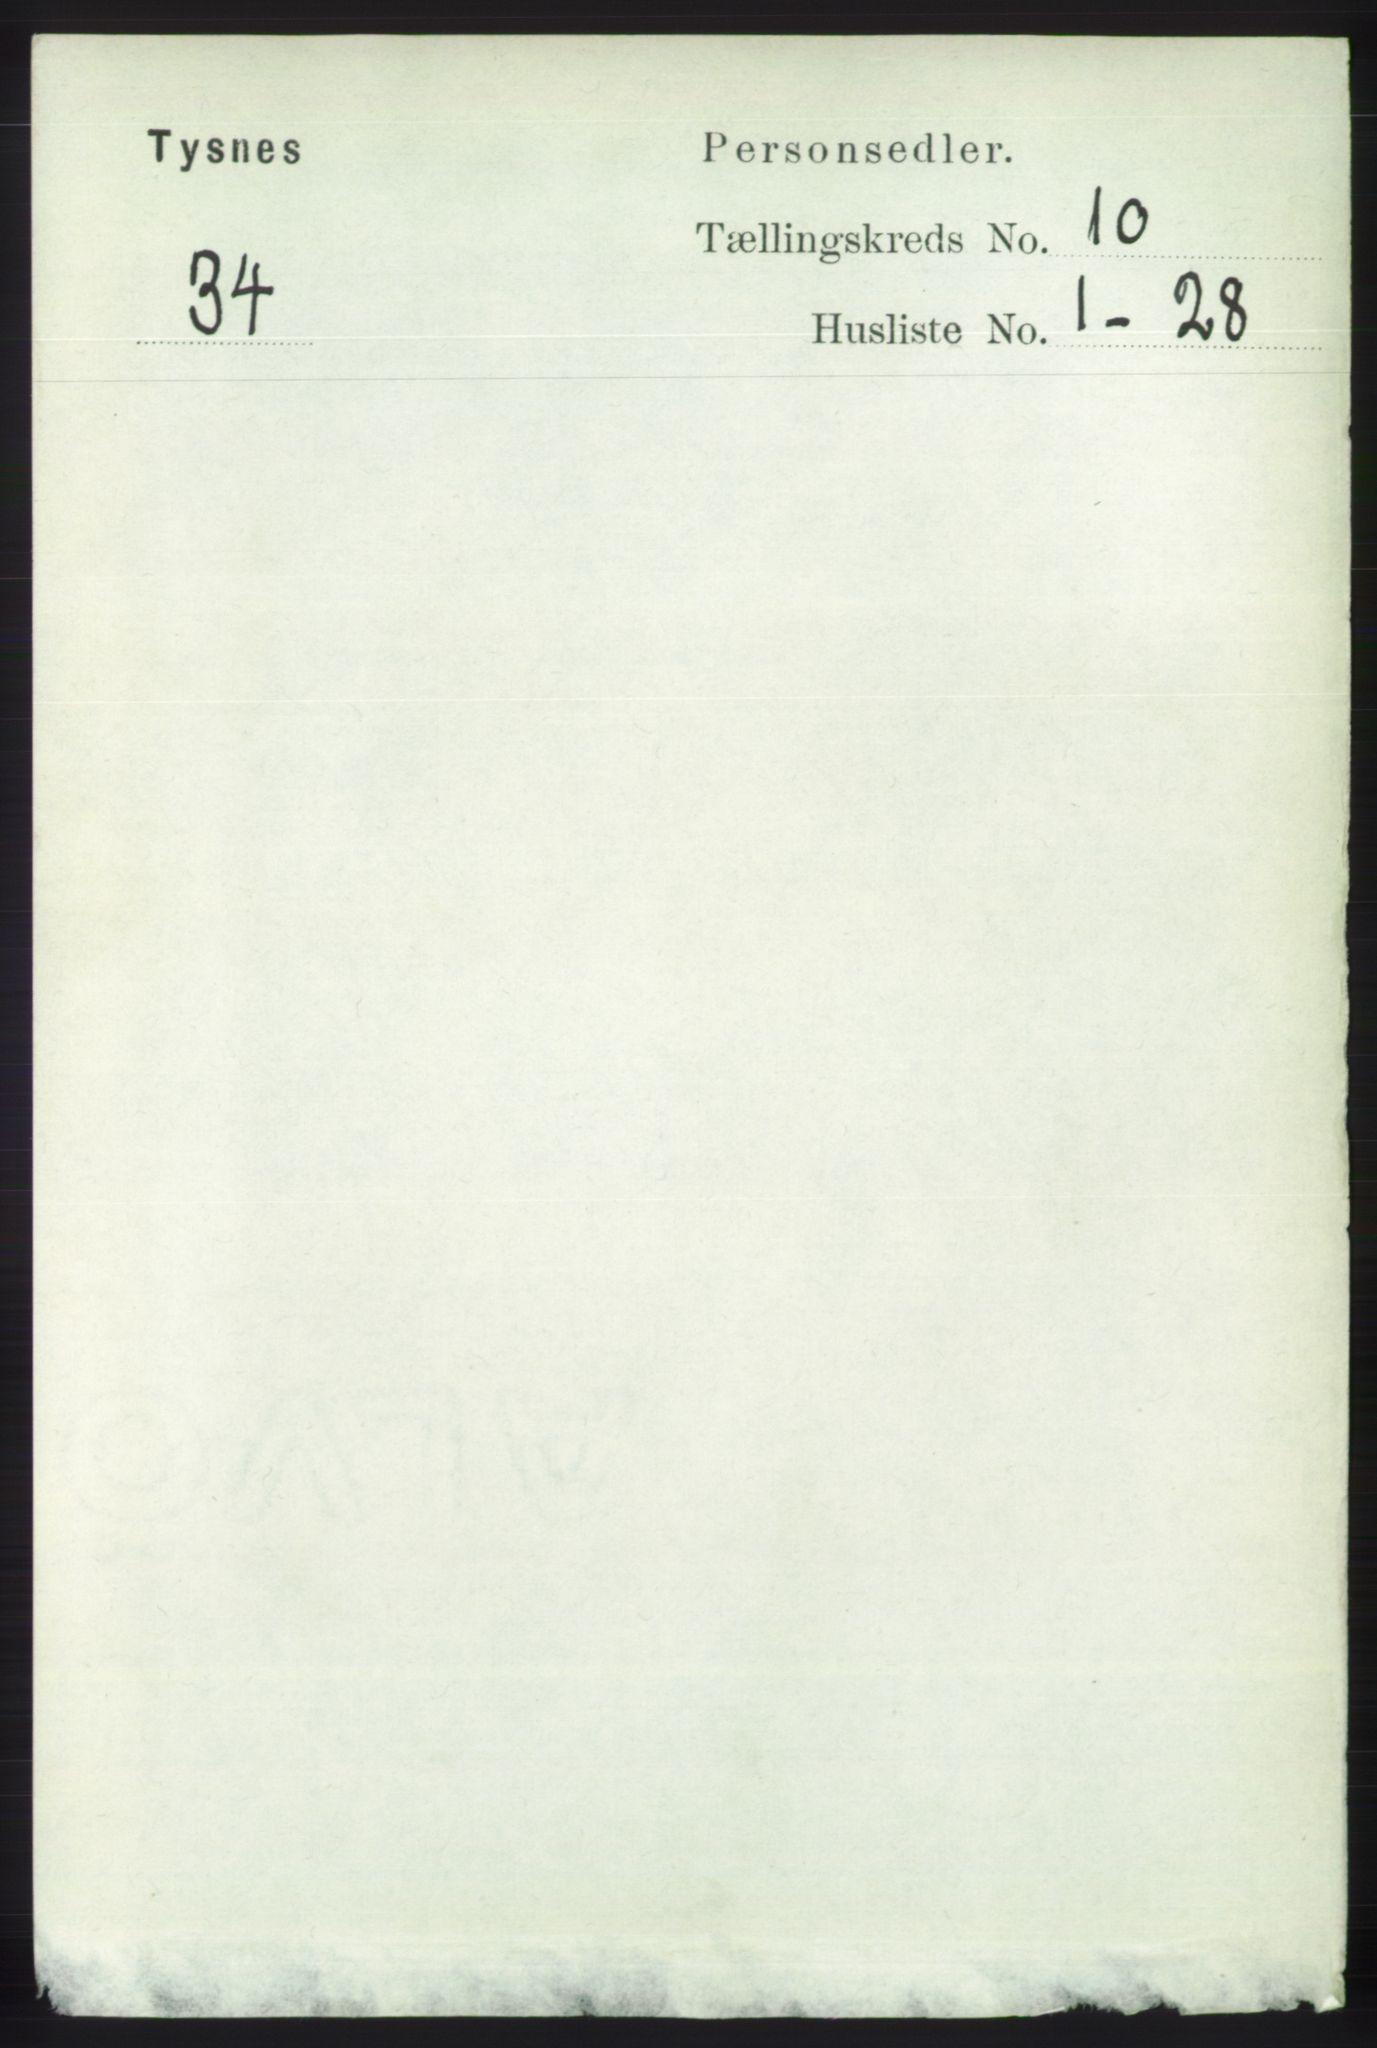 RA, Folketelling 1891 for 1223 Tysnes herred, 1891, s. 4854